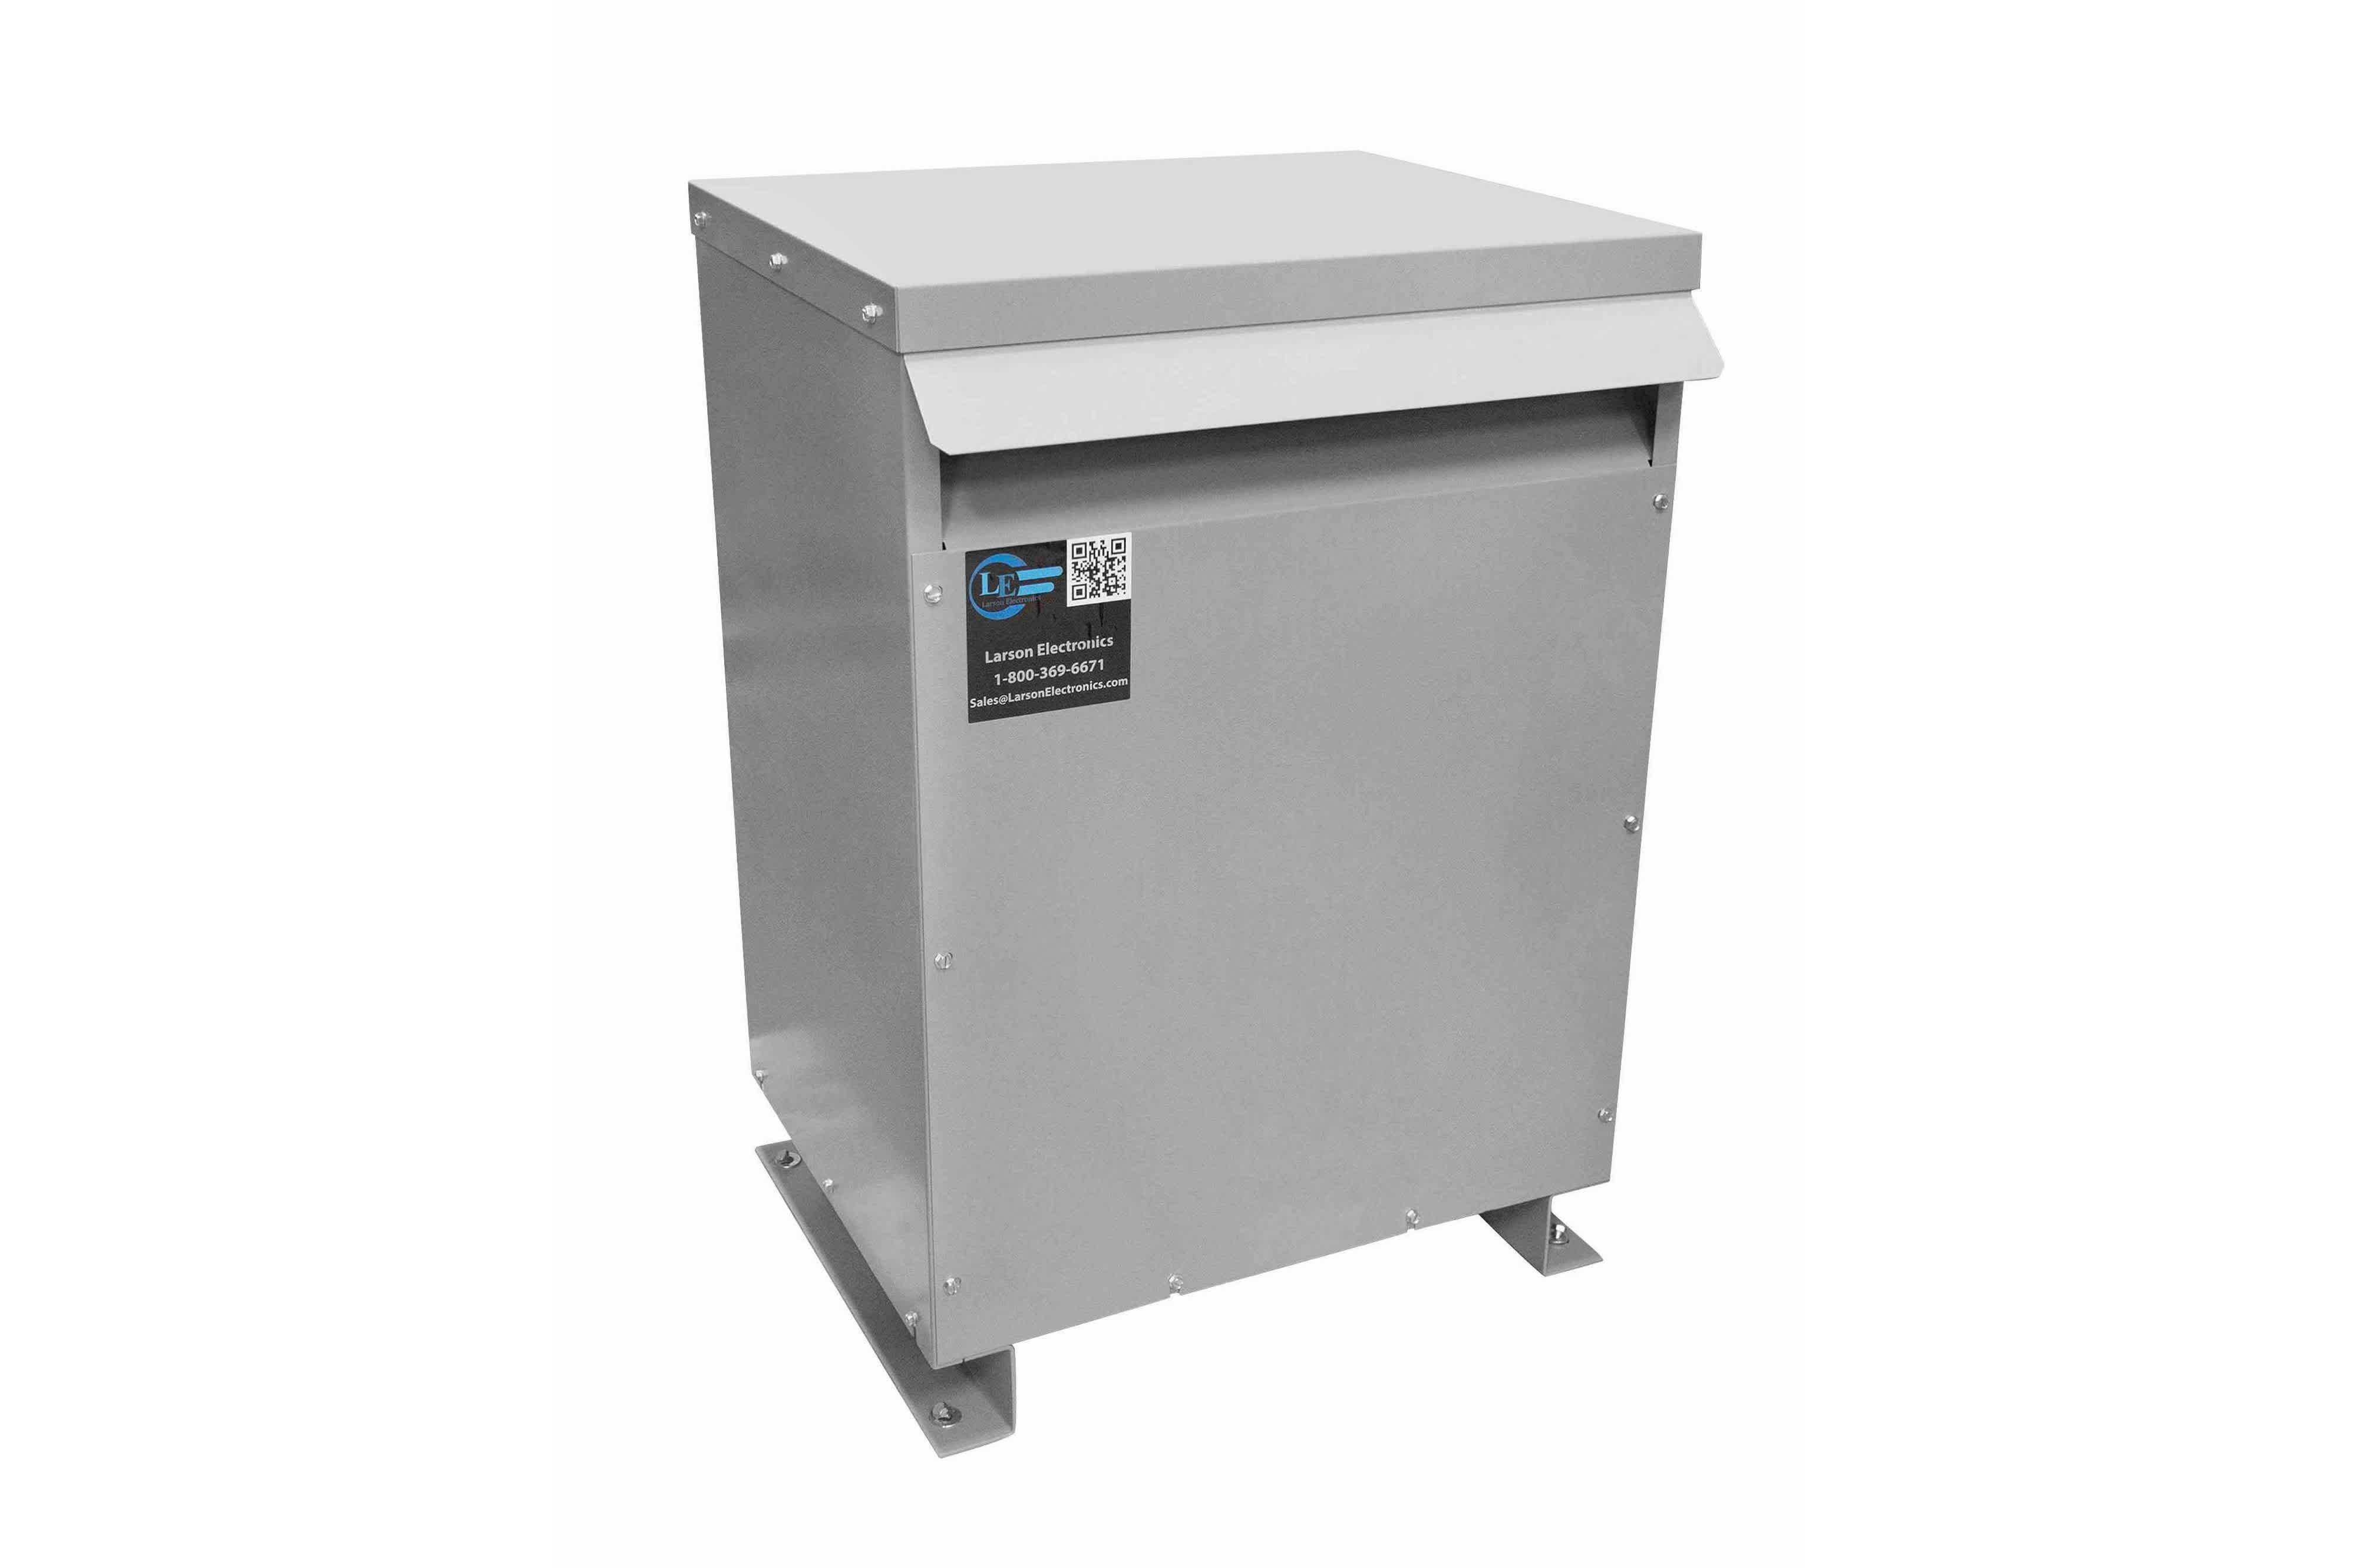 300 kVA 3PH Isolation Transformer, 600V Delta Primary, 400V Delta Secondary, N3R, Ventilated, 60 Hz